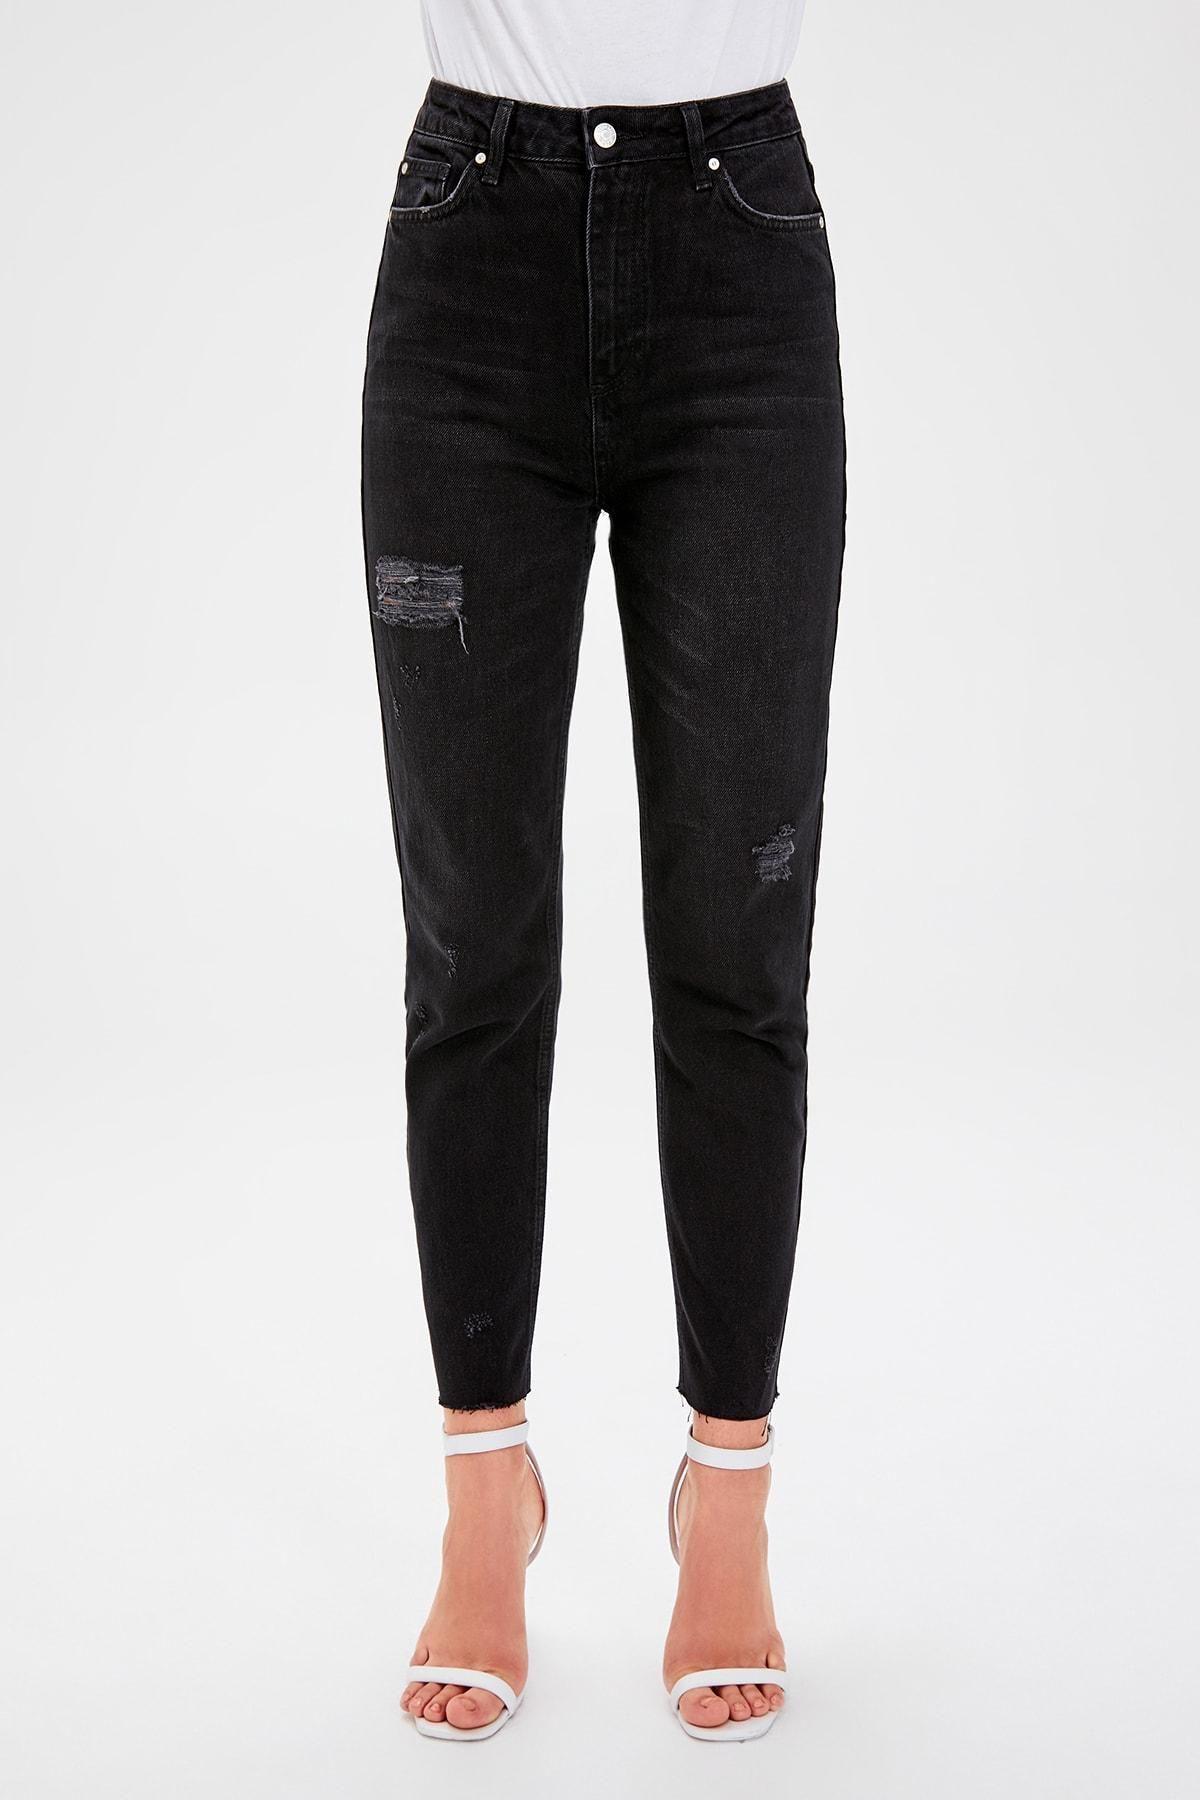 Trendyol Schwarz Ripped Detaillierte Hohe Bel Mom Jeans TWOAW20JE0077